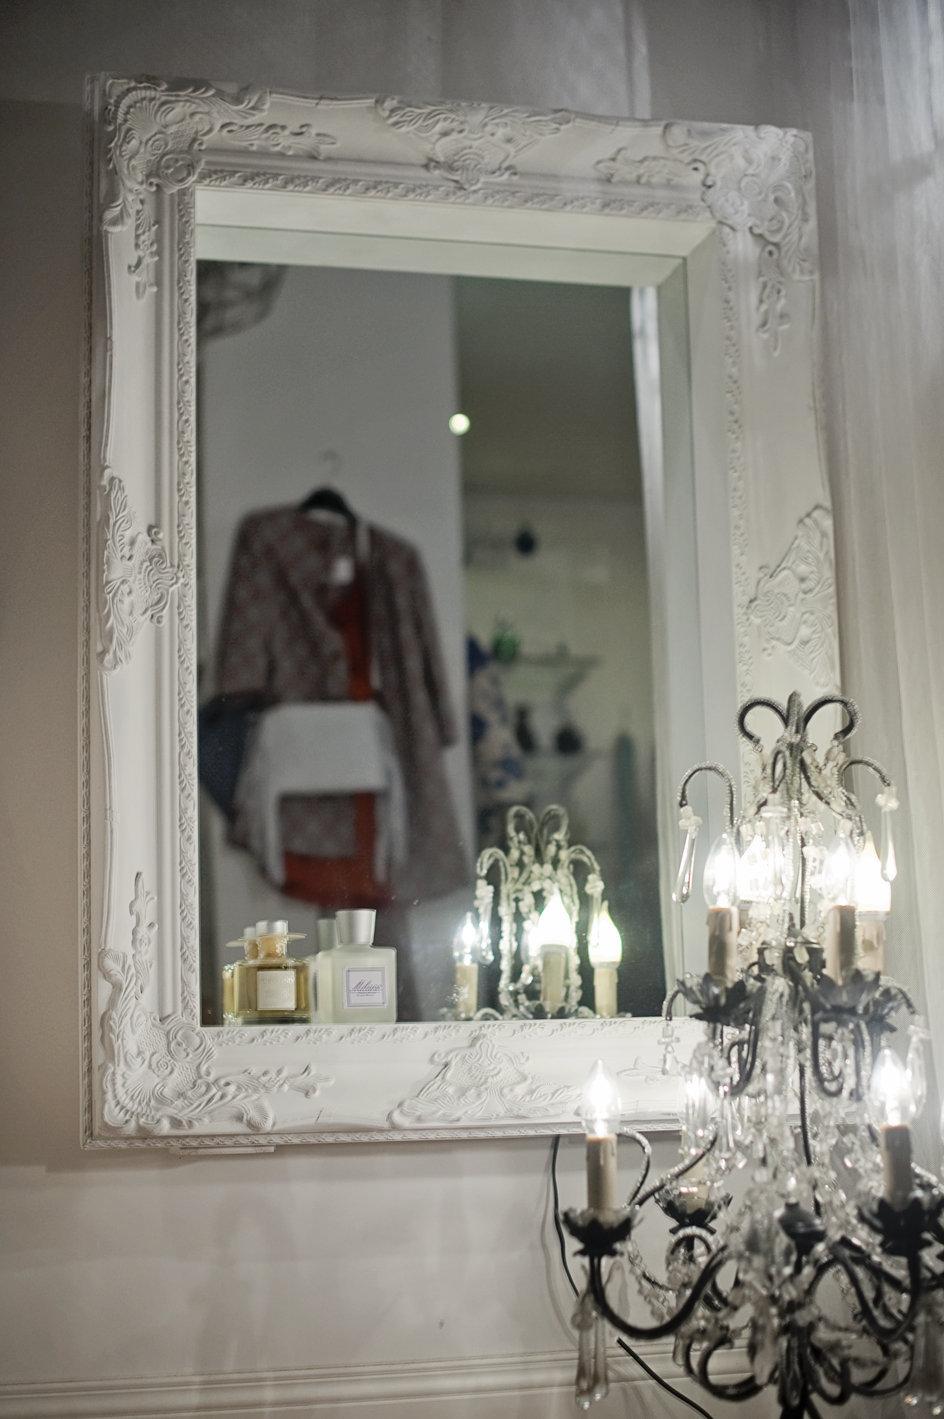 specchio riviera maison 507, 320. lampada (FILEminimizer)